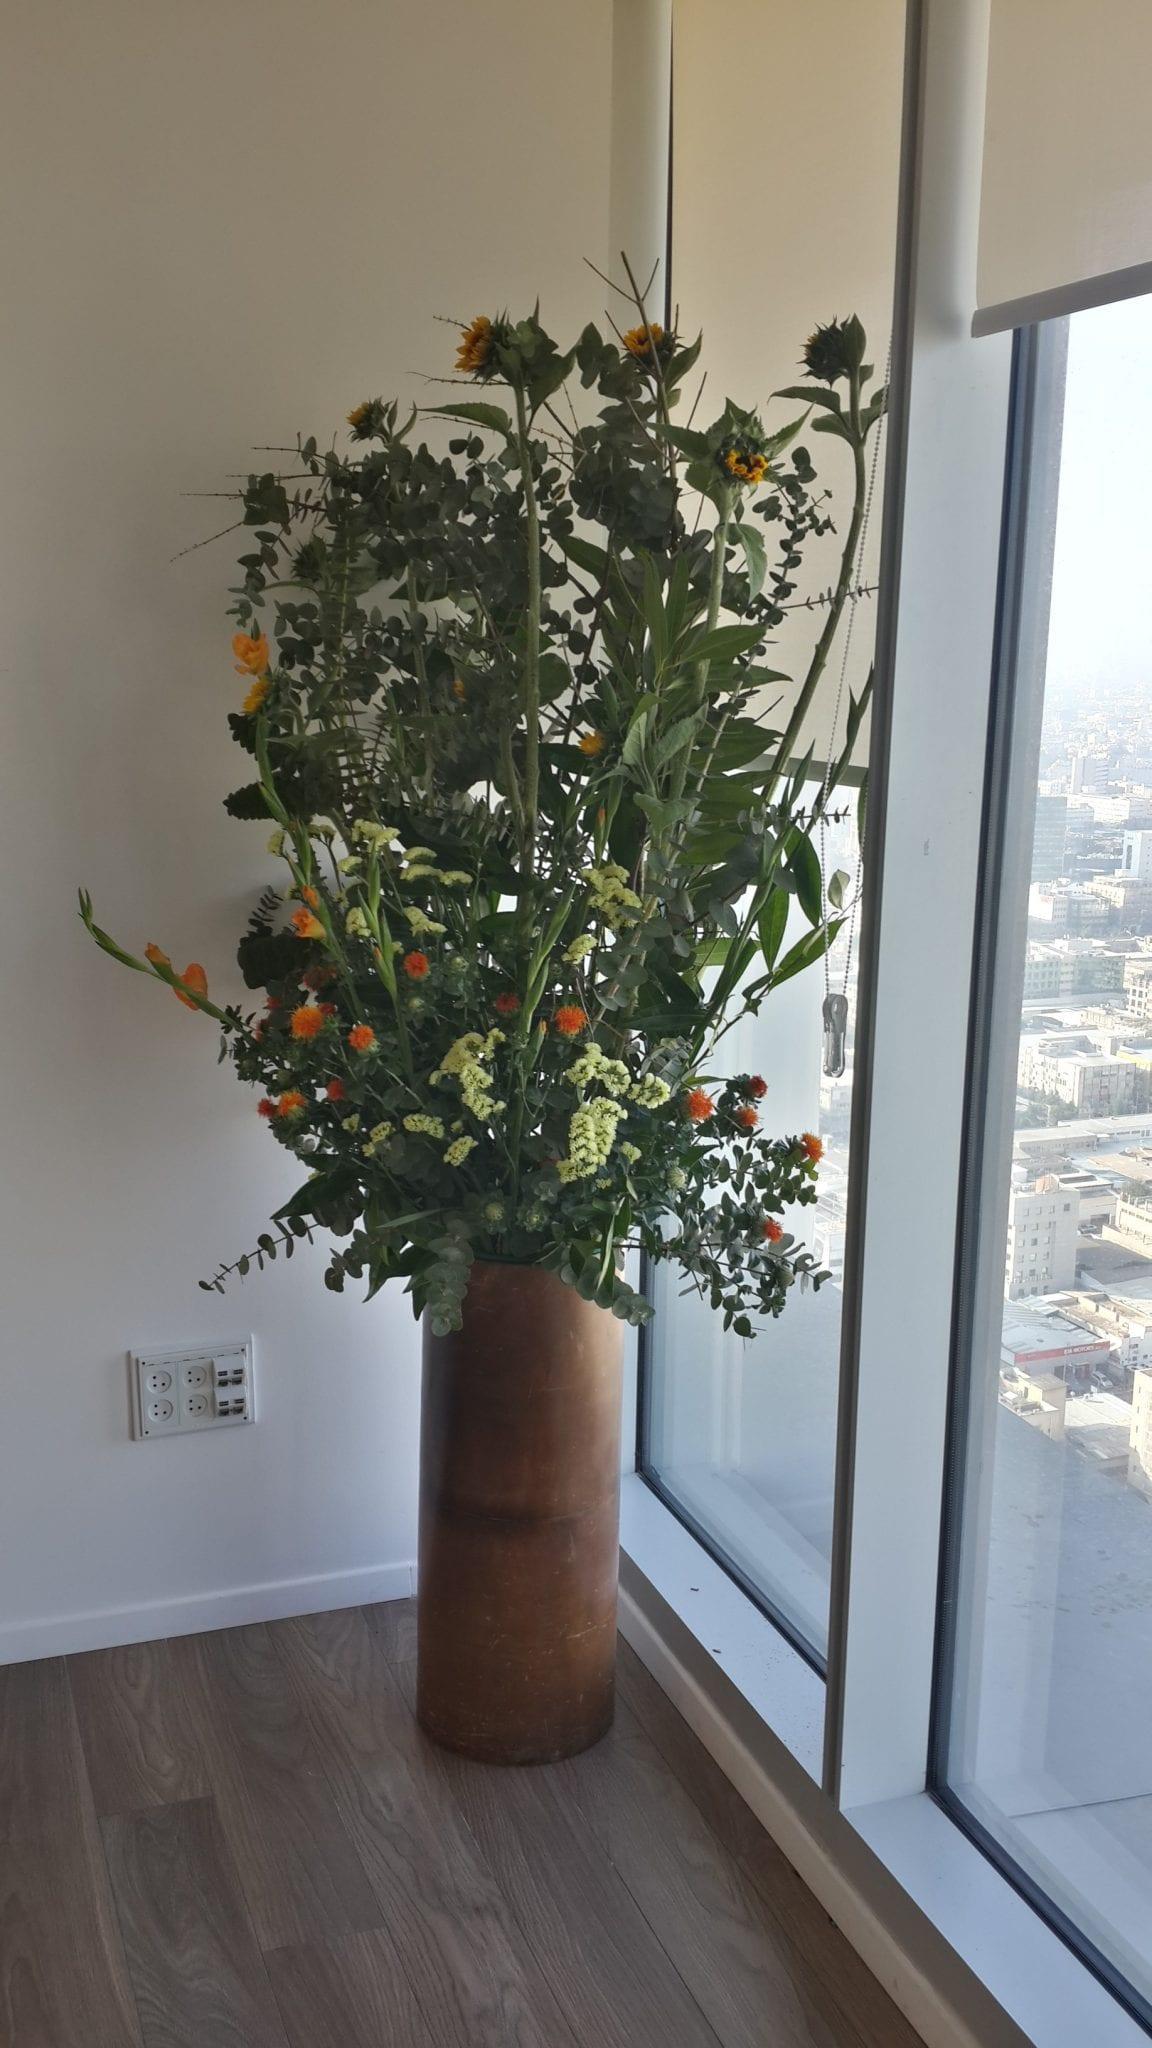 עיצוב בפרחים למשרדים-2